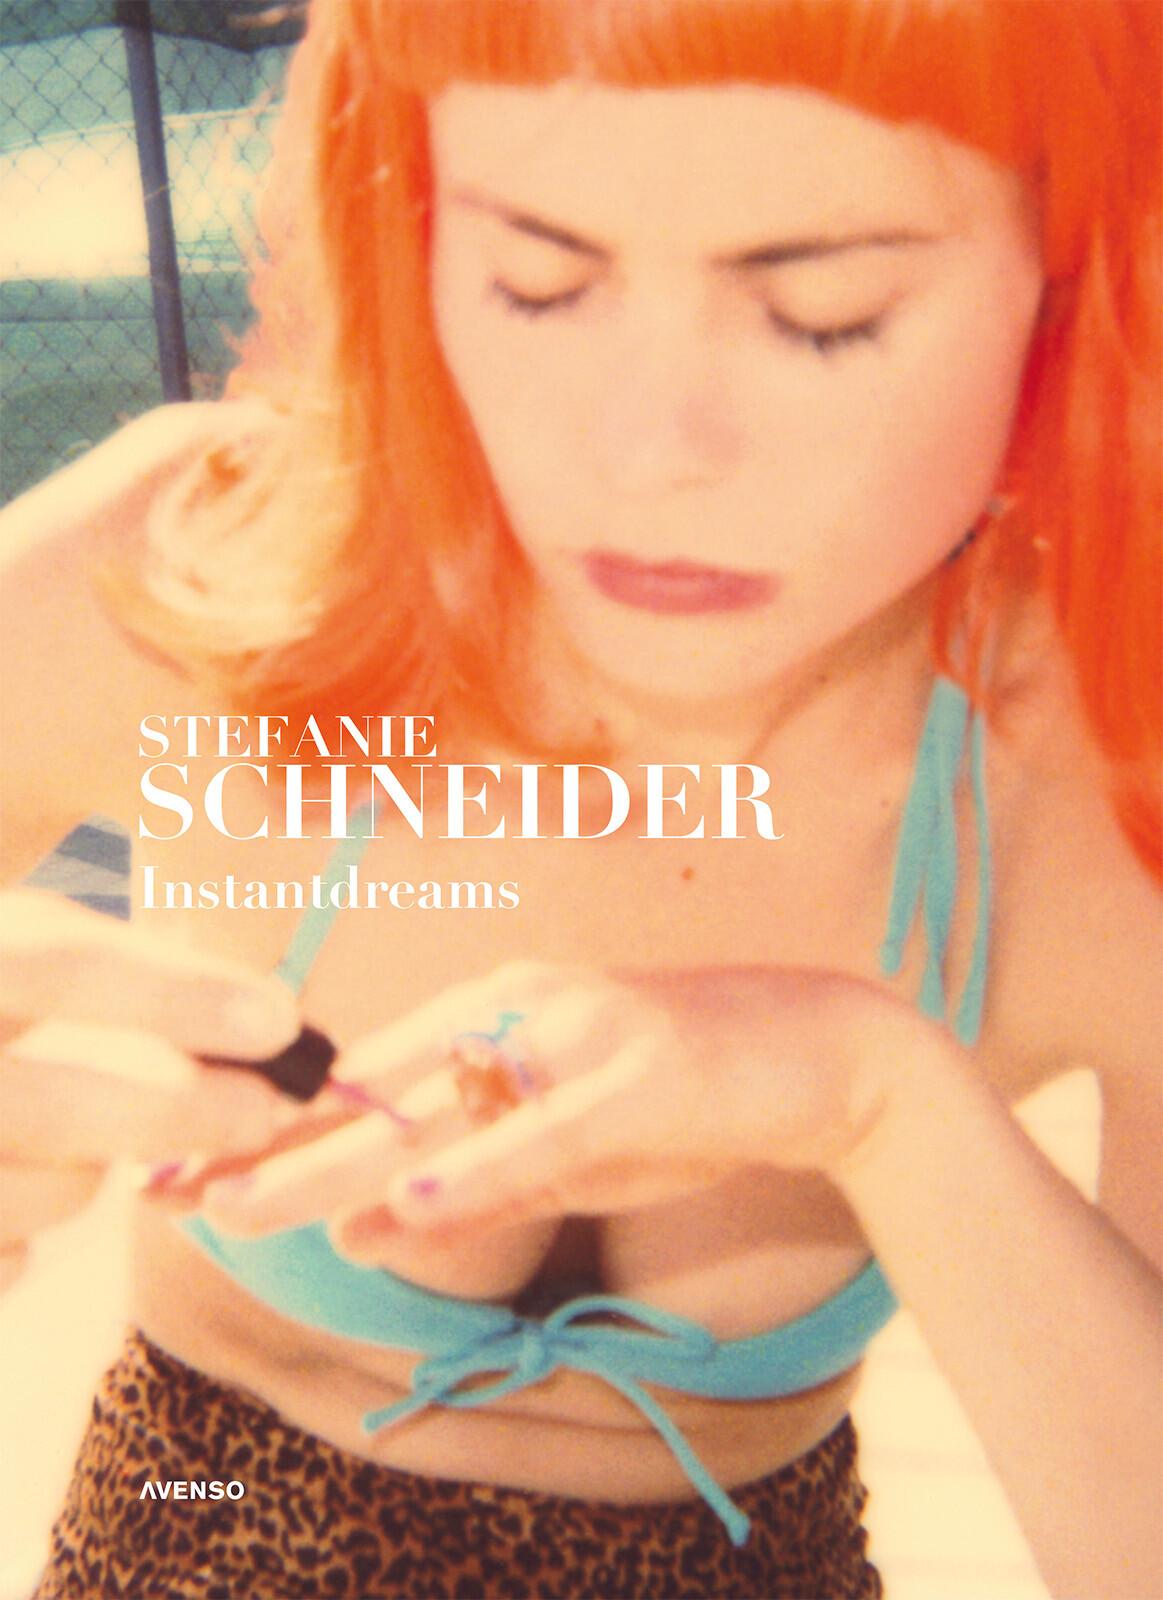 ARTIST BOOK - Instantdreams - Stefanie Schneider